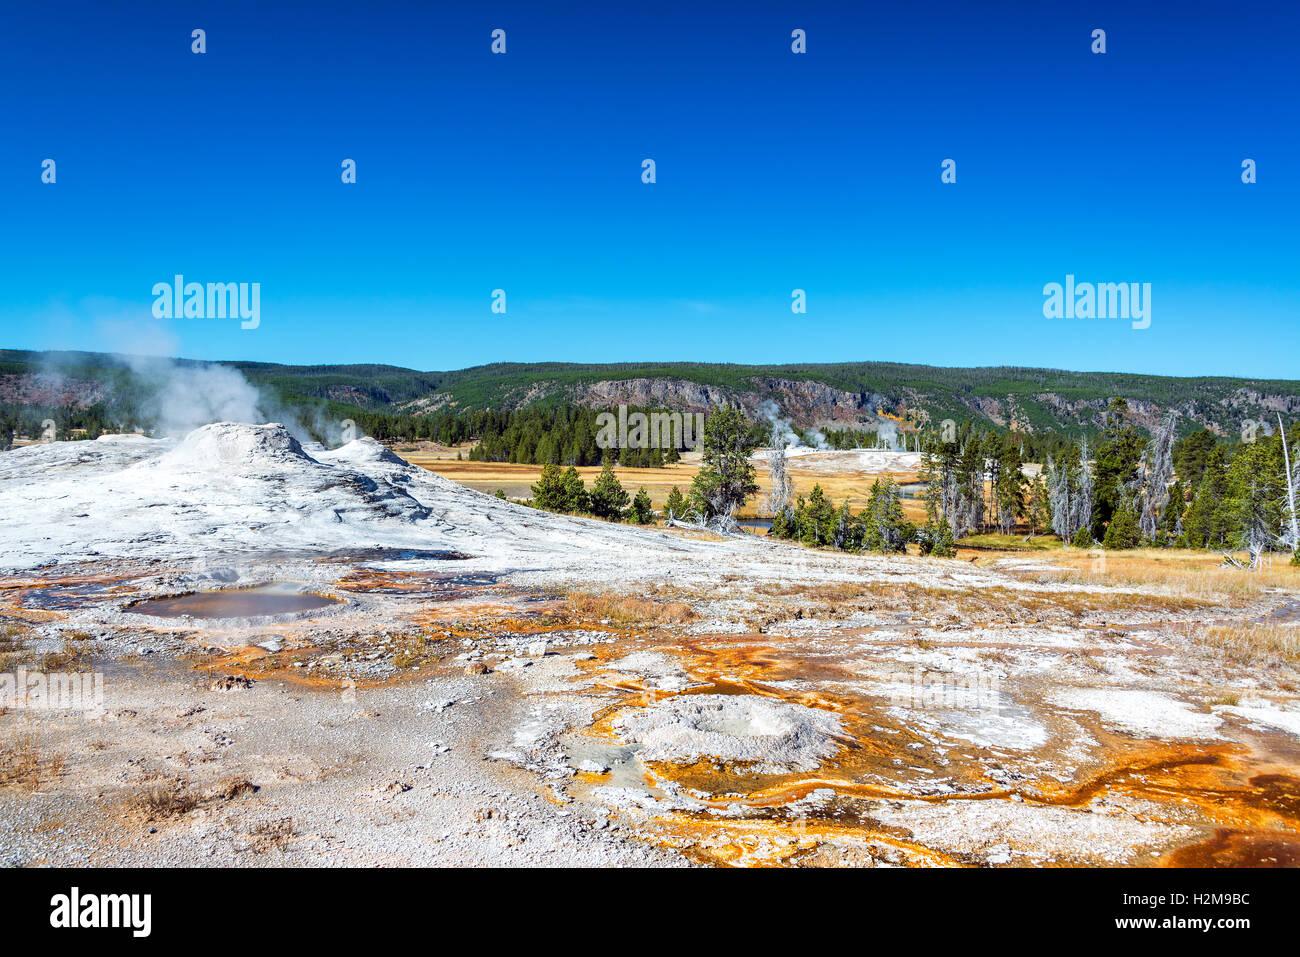 Geyser y el paisaje de la Cuenca del Géiser Superior, en el Parque Nacional de Yellowstone. Foto de stock